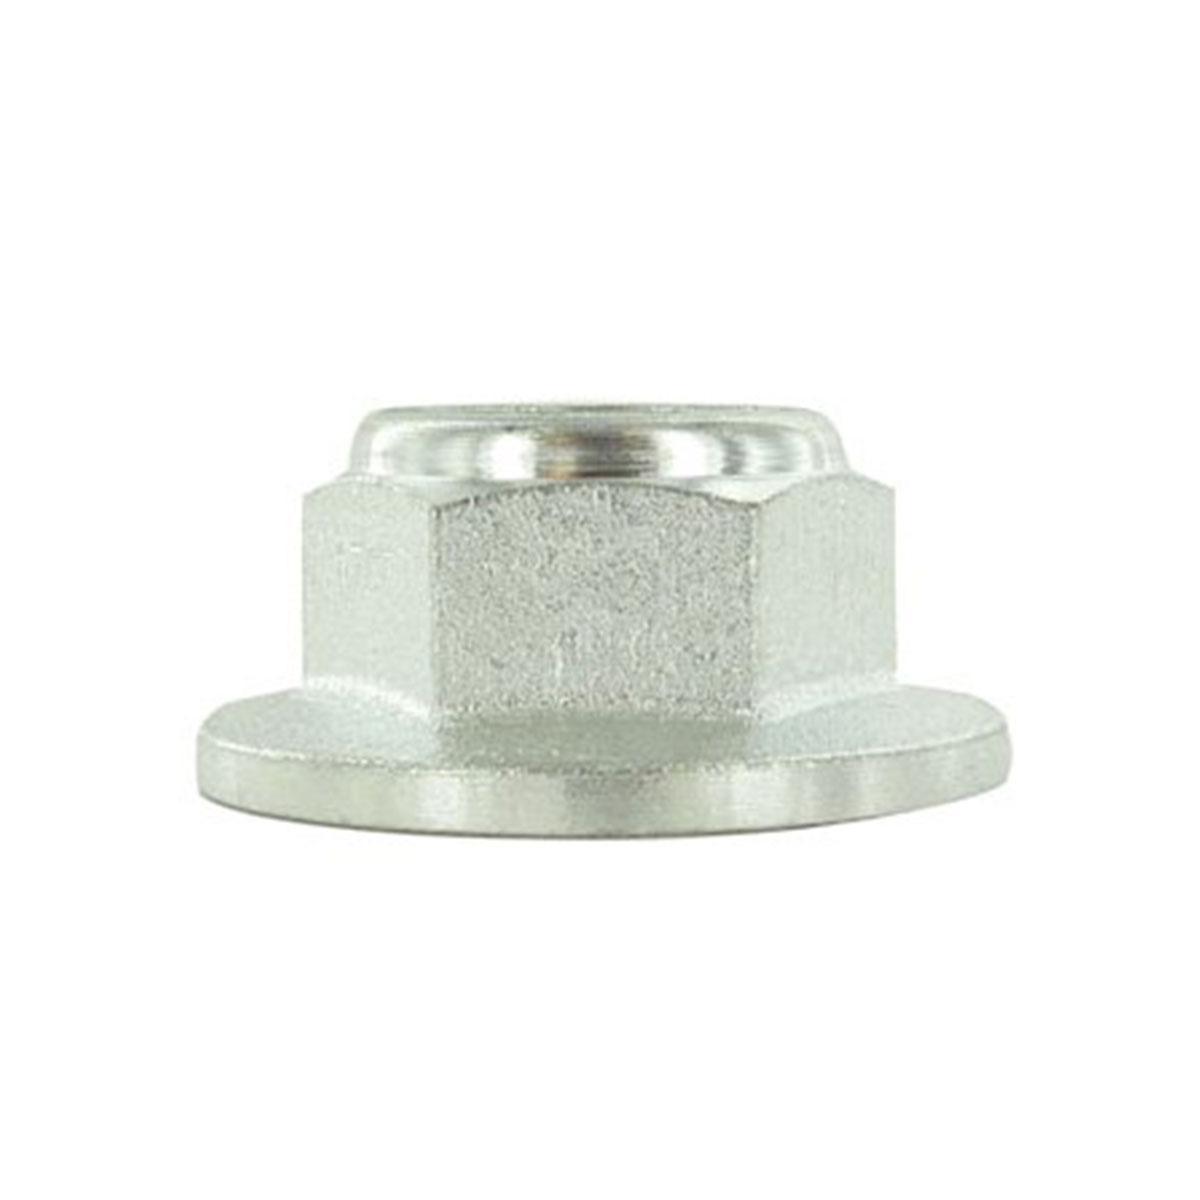 Wheel Axle Nut